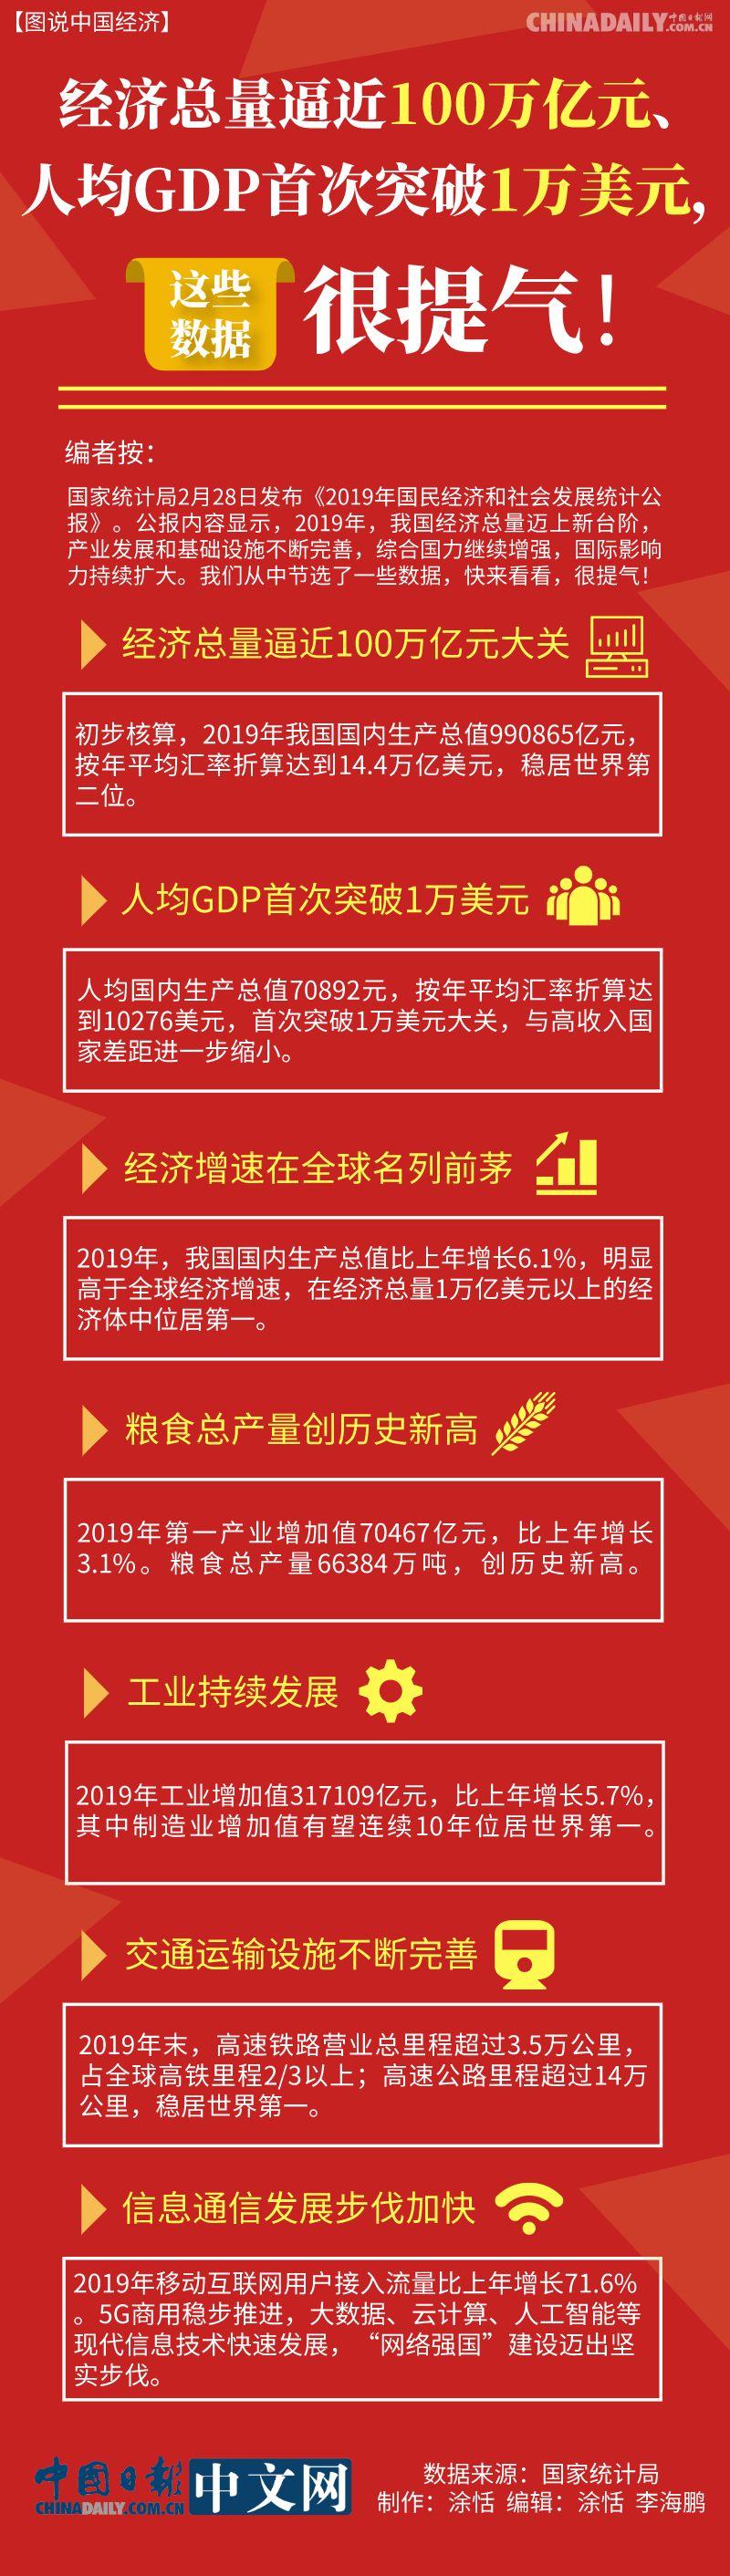 【图说中国经济】经济总量逼近100万亿元、人均GDP首次突破1万美元,这些数据很提气!